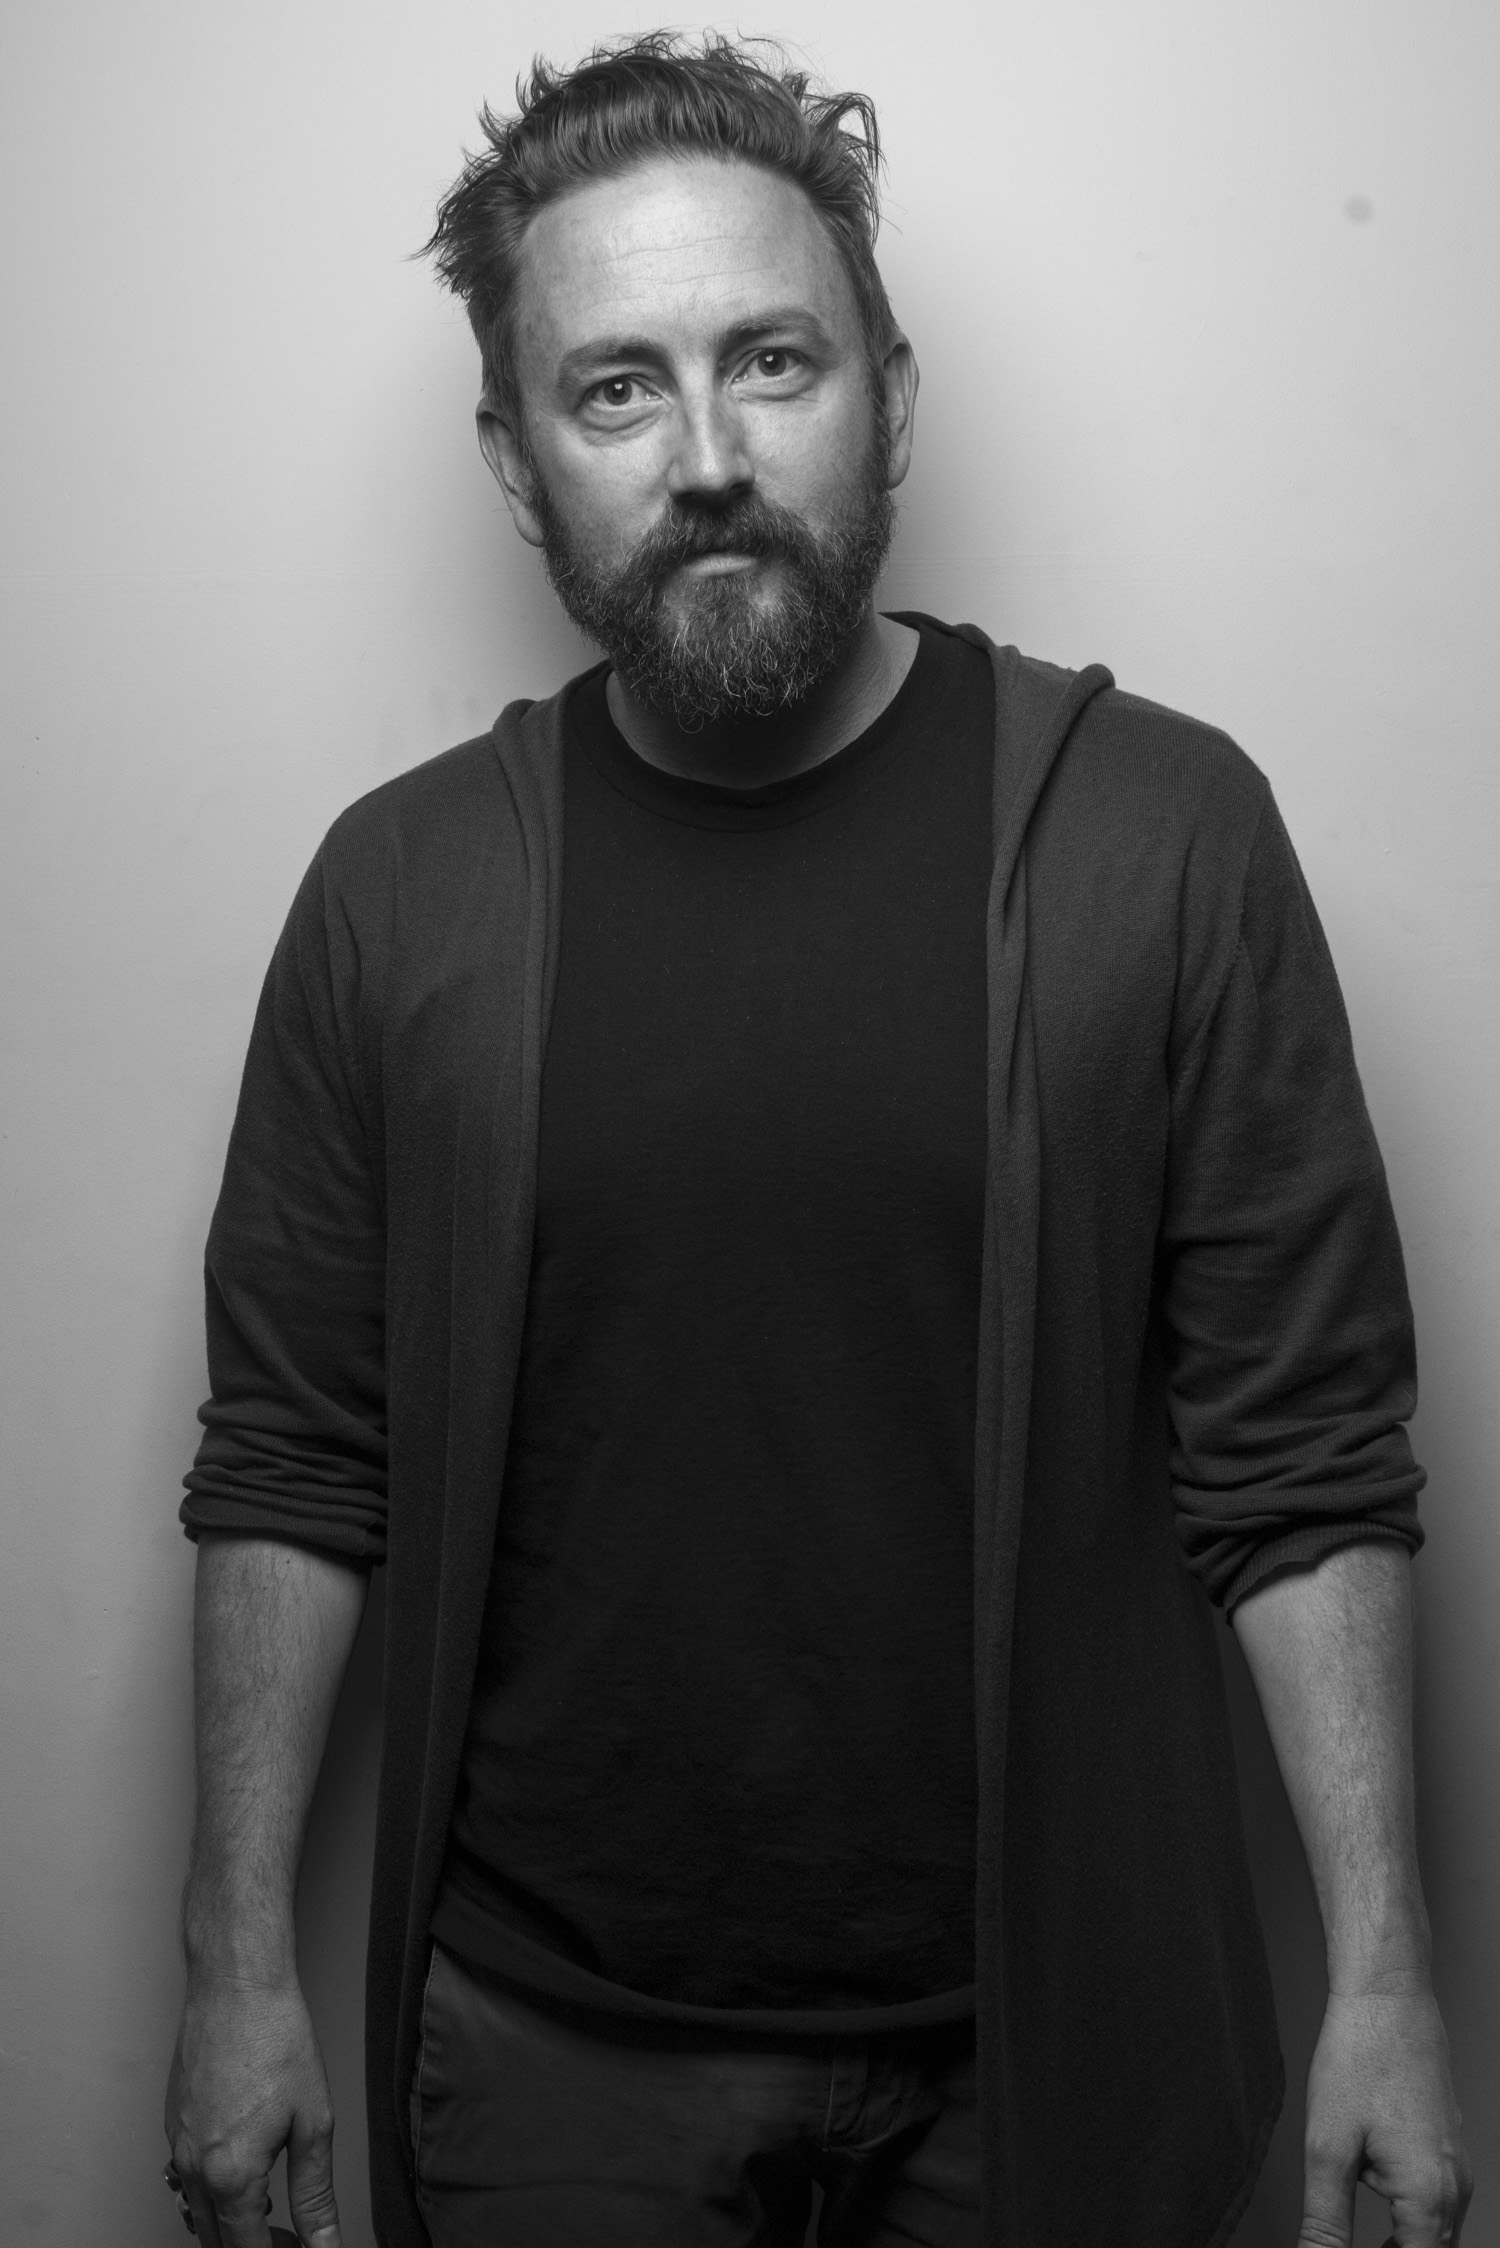 Director Luke Shanahan joins Scoundrel for representation in Australia, New Zealand + Asia